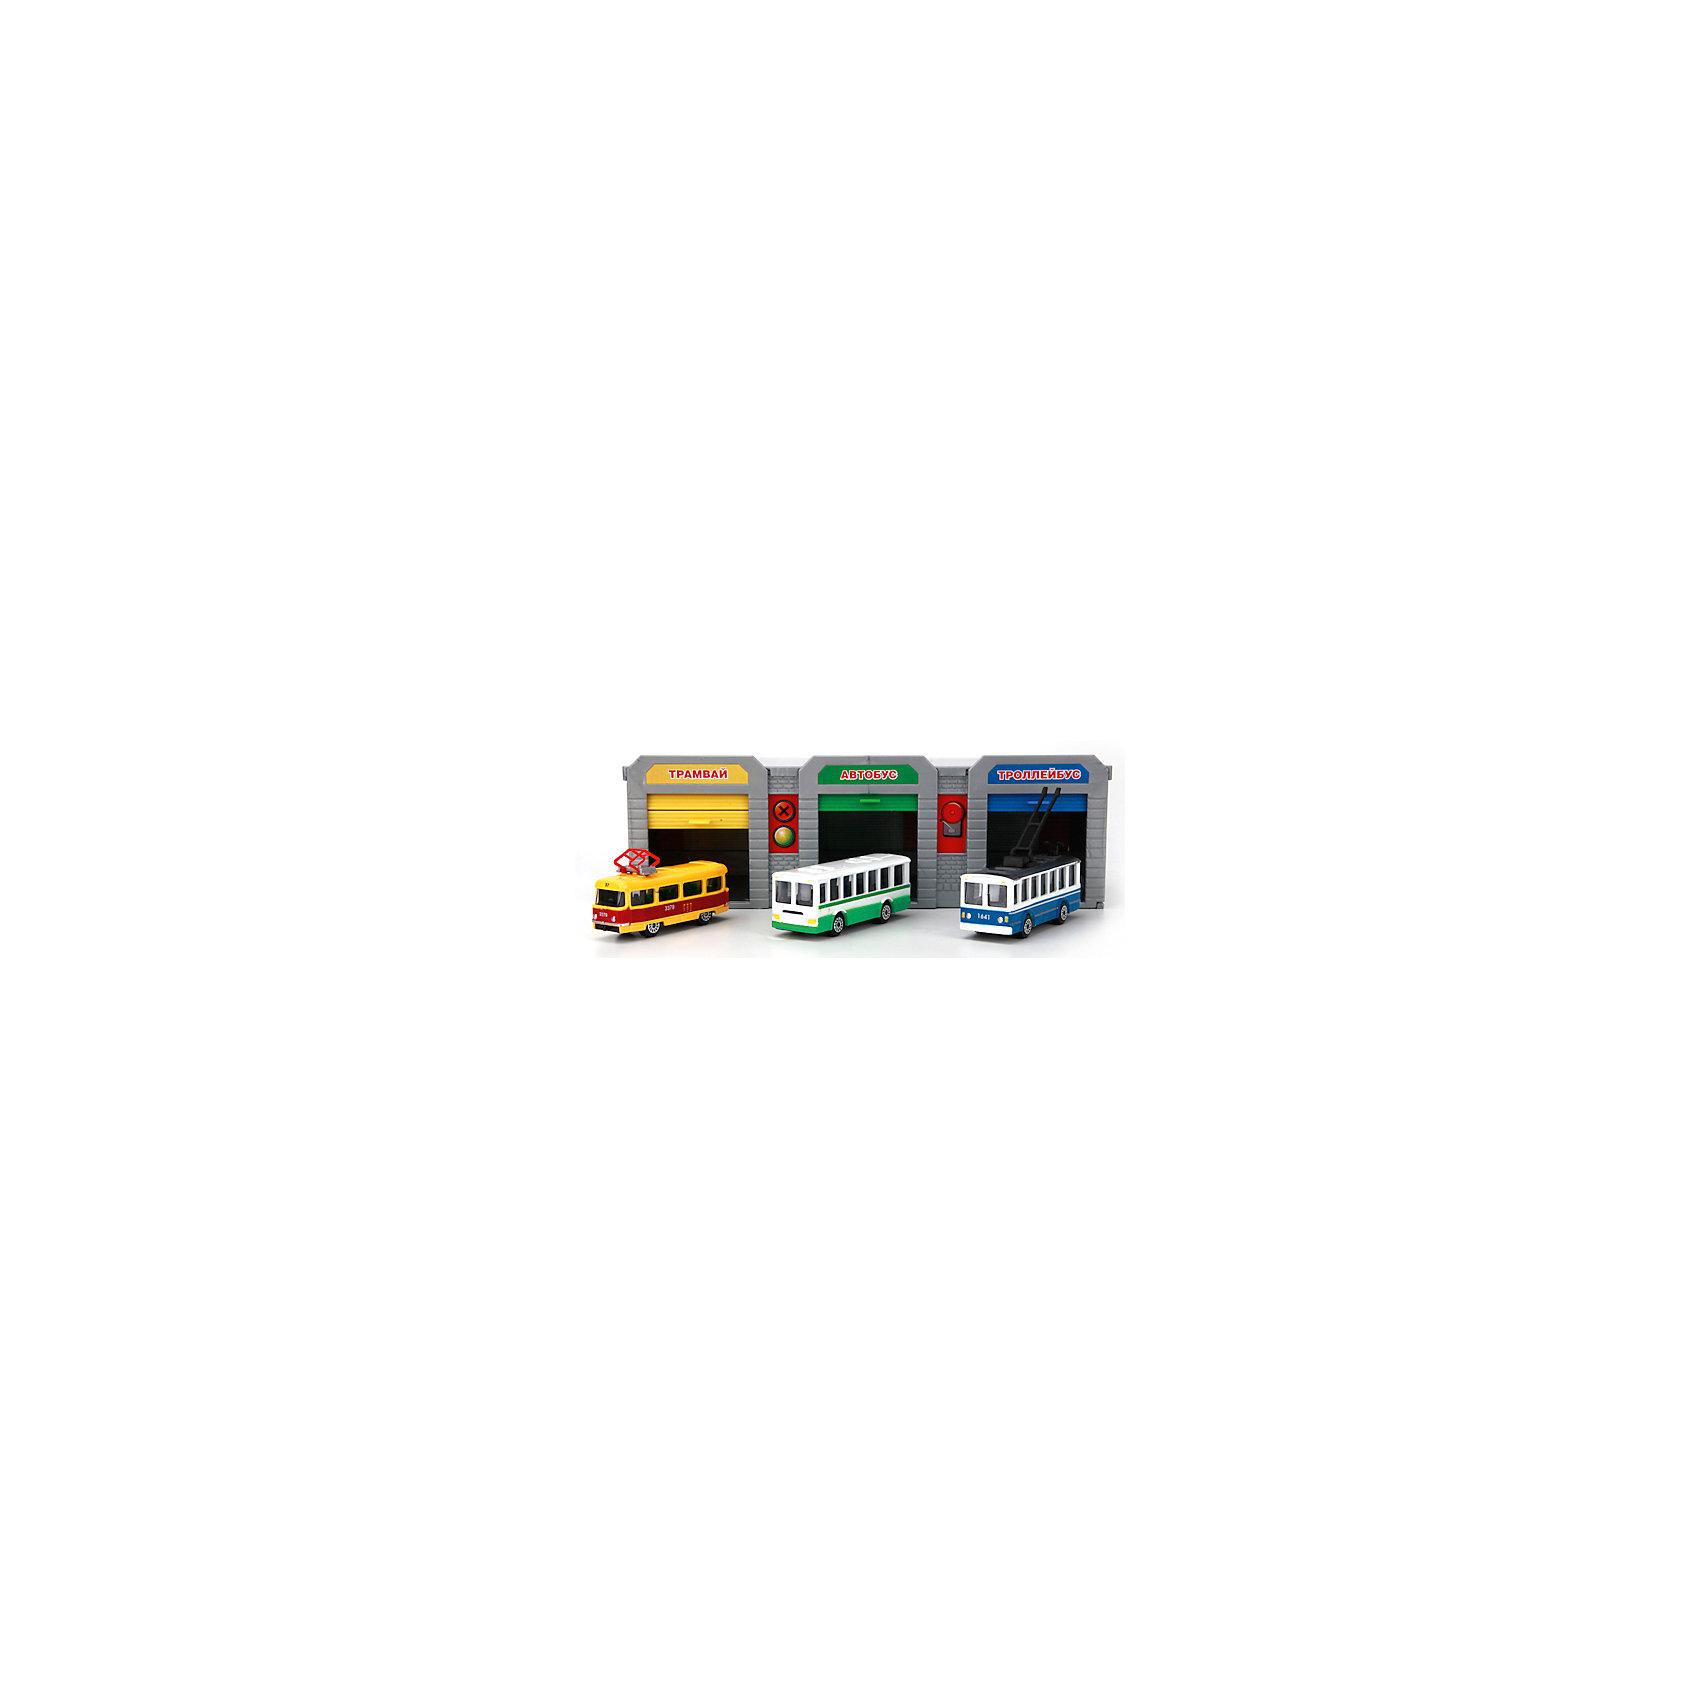 Гараж Городской транспортный парк с 3 машинами, ТехнопаркПарковки и гаражи<br>В этом наборе представлены практически все виды городского общественного транспорта: троллейбус, автобус и трамвай. Все машины прекрасно детализированы и реалистично раскрашены. Детали набора выполнены из высококачественных безопасных для детей материалов. Ребенку обязательно обрадуется своему собственному транспортному парку, кроме того, во время игры можно проработать с малышом ситуации, которые могут произойти в общественном транспорте и напомнить правила поведения в нем. <br><br>Дополнительная информация:<br><br>- Материал: пластик, металл.<br>- Комплектация: детали для 3 гаражей, троллейбус, автобус, трамвай. <br>- Размер одной машины: 7,5 см. <br>- Подвижные колеса. <br><br>Гараж Городской транспортный парк с 3 машинами, Технопарк, можно купить в нашем магазине.<br><br>Ширина мм: 620<br>Глубина мм: 380<br>Высота мм: 550<br>Вес г: 600<br>Возраст от месяцев: 36<br>Возраст до месяцев: 84<br>Пол: Мужской<br>Возраст: Детский<br>SKU: 4408247